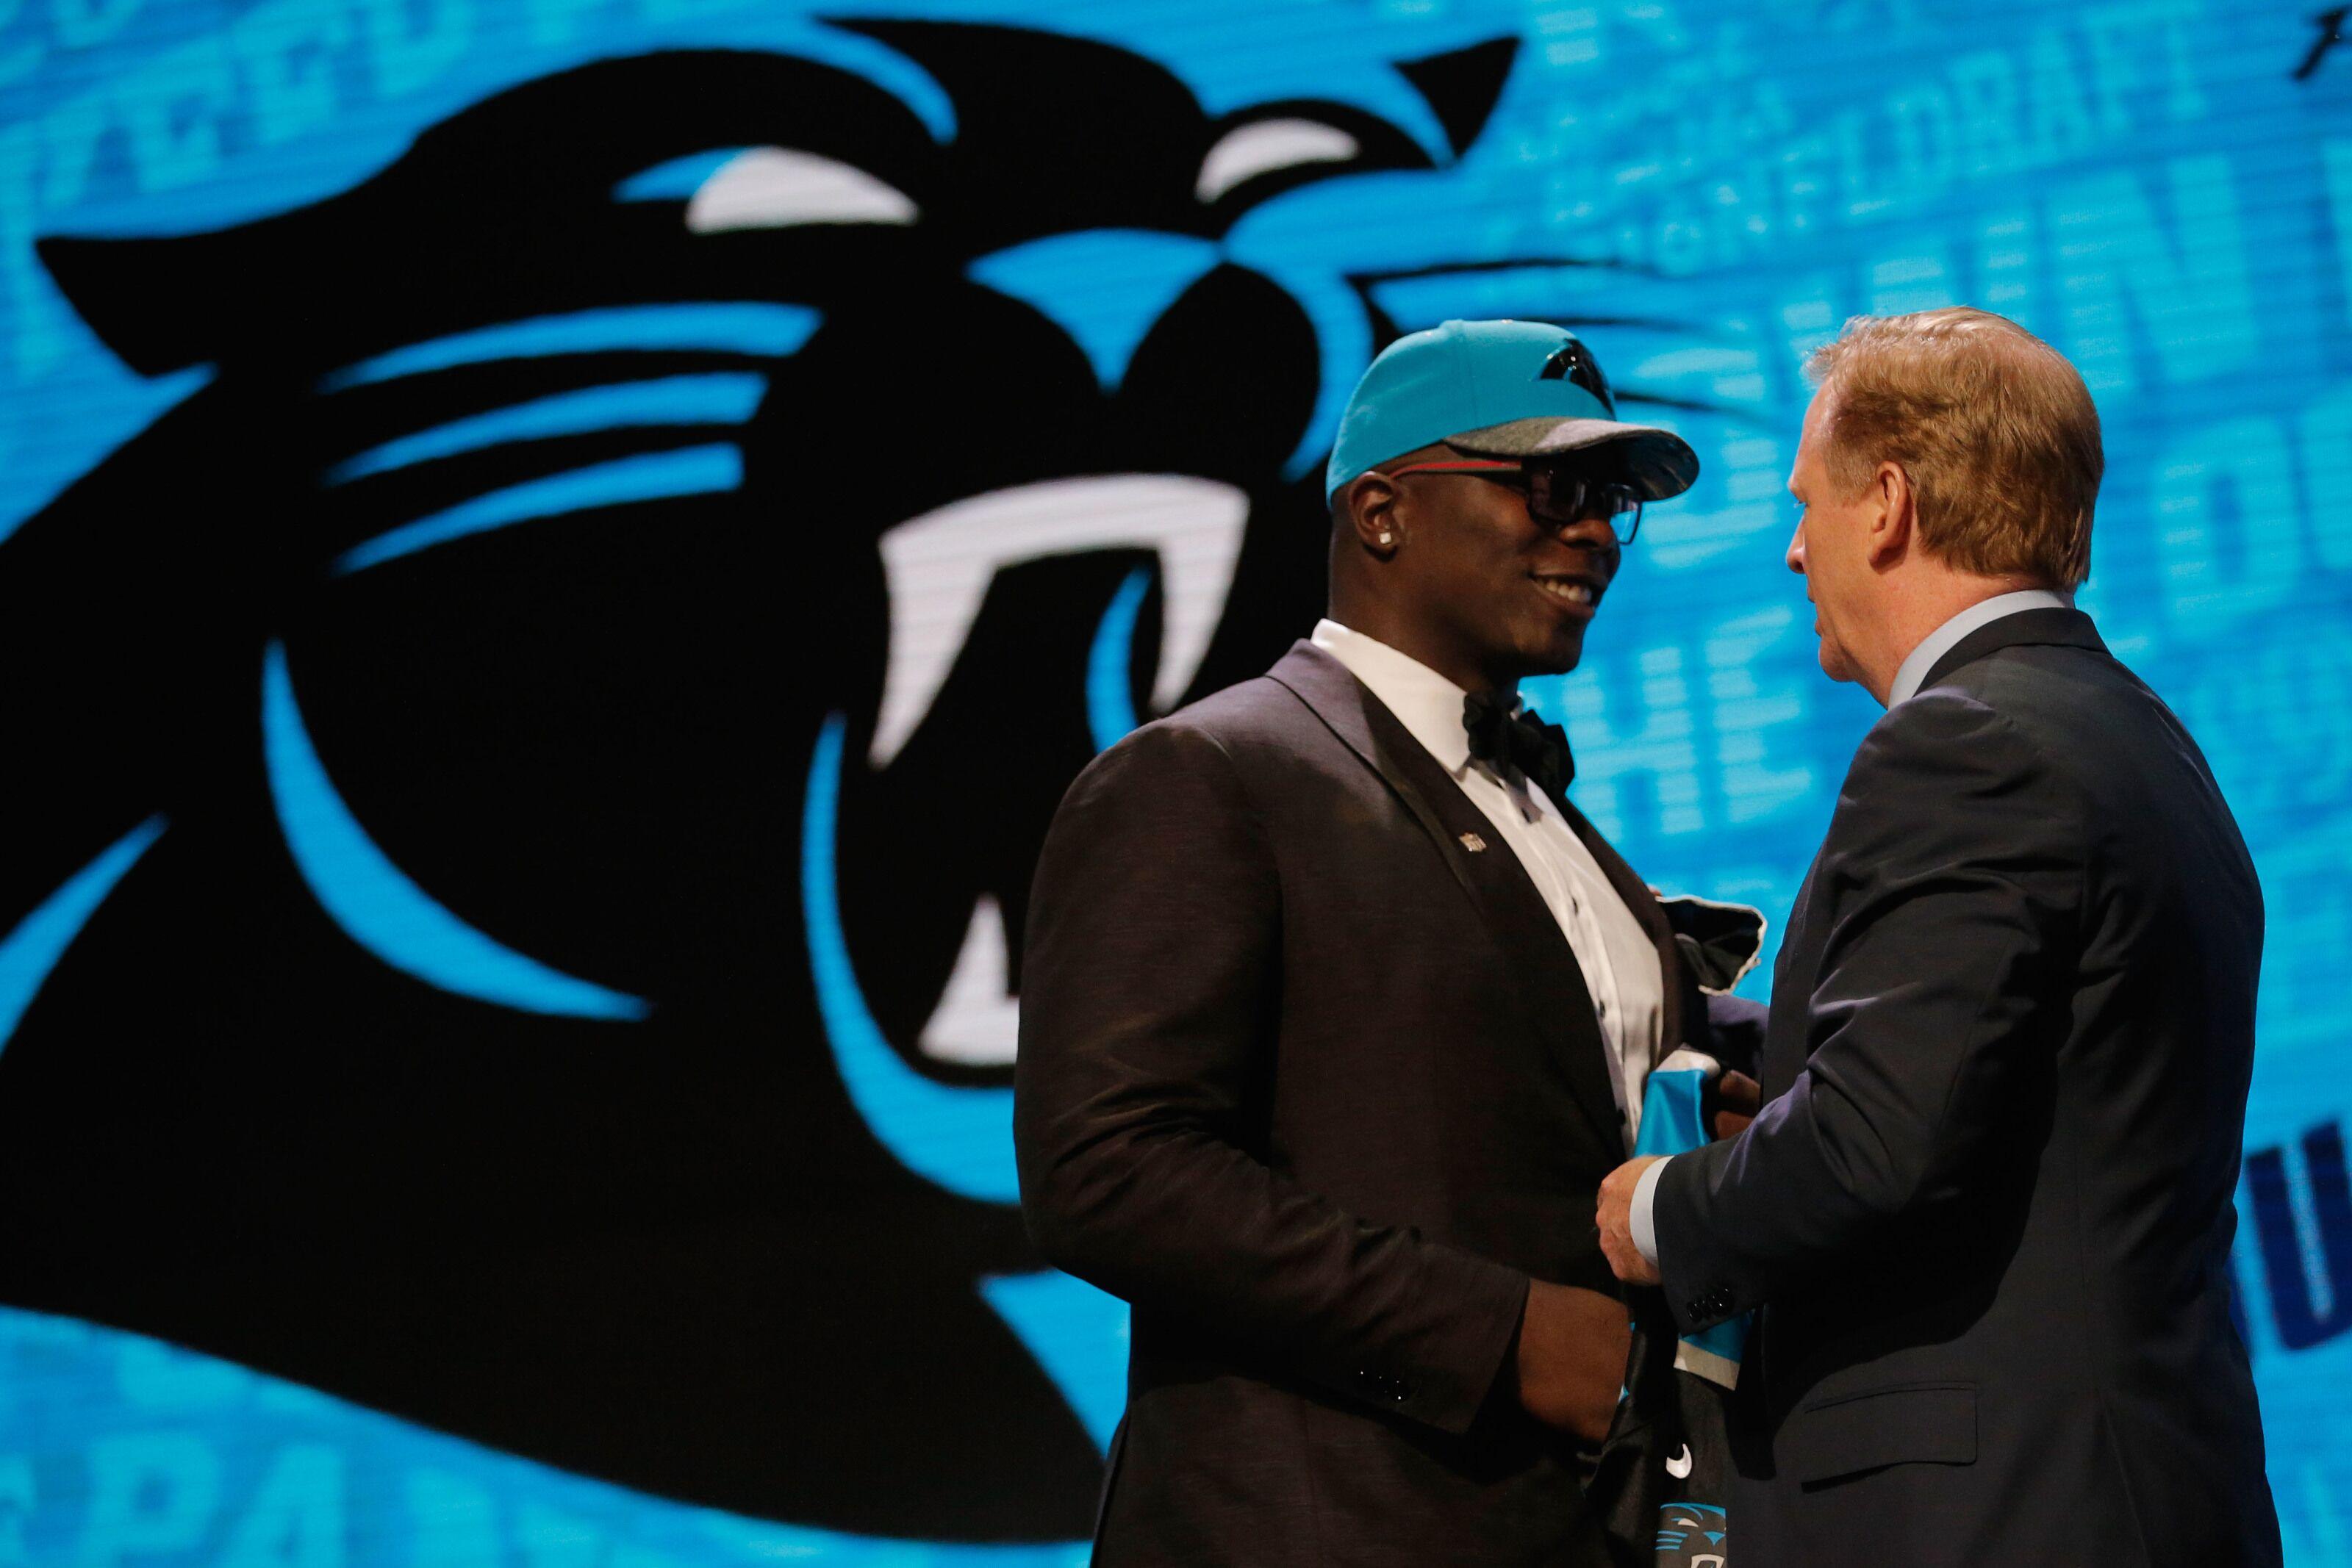 Carolina Panthers 2016 NFL Draft Retrospective and Regrade